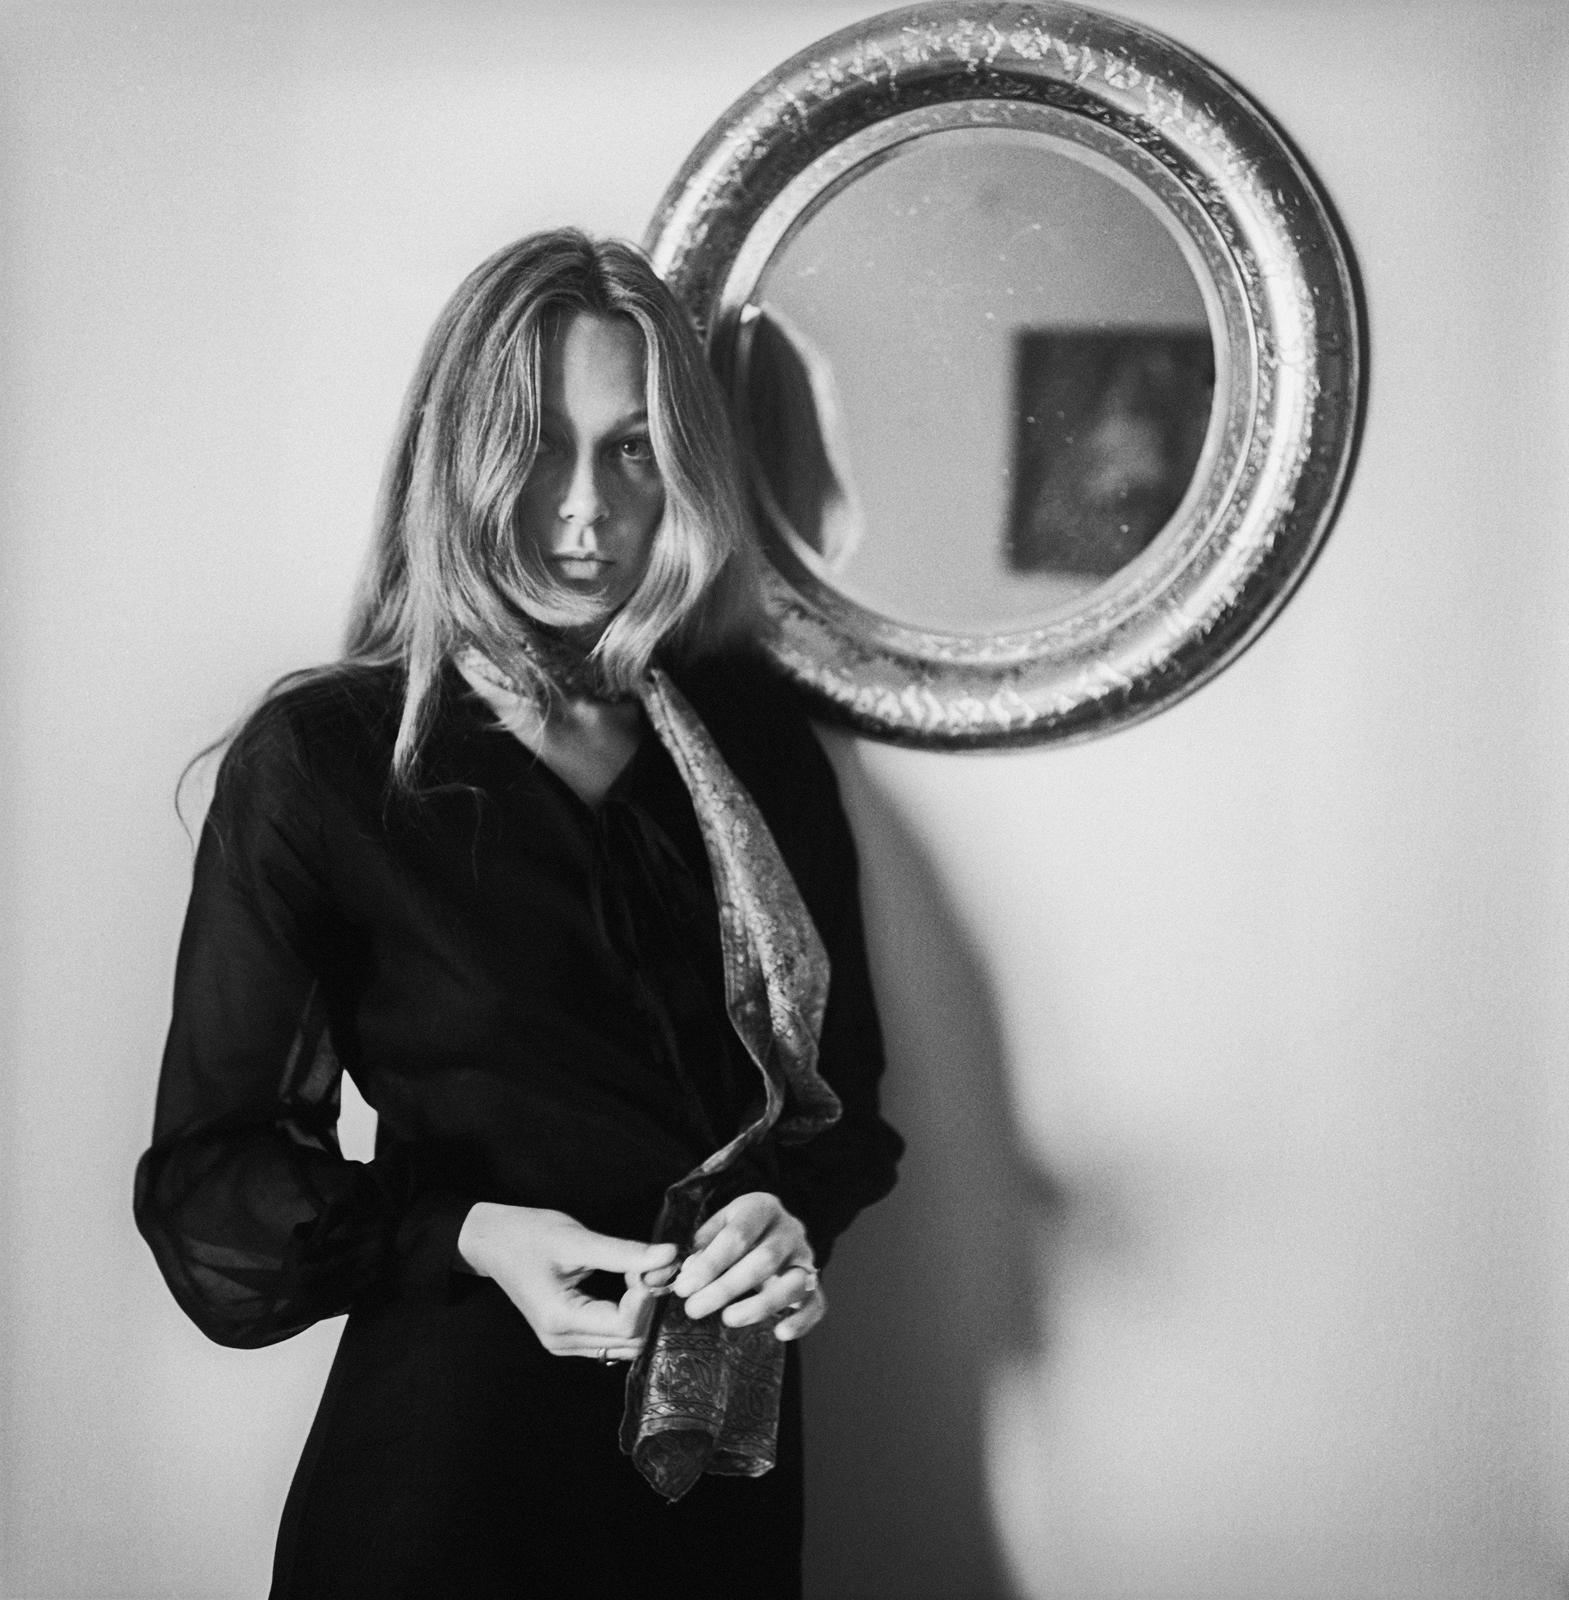 Aktorka Małgorzata Braunek w swoim mieszkaniu, 1970 Fot. Tadeusz Rolke/Agencja Gazeta